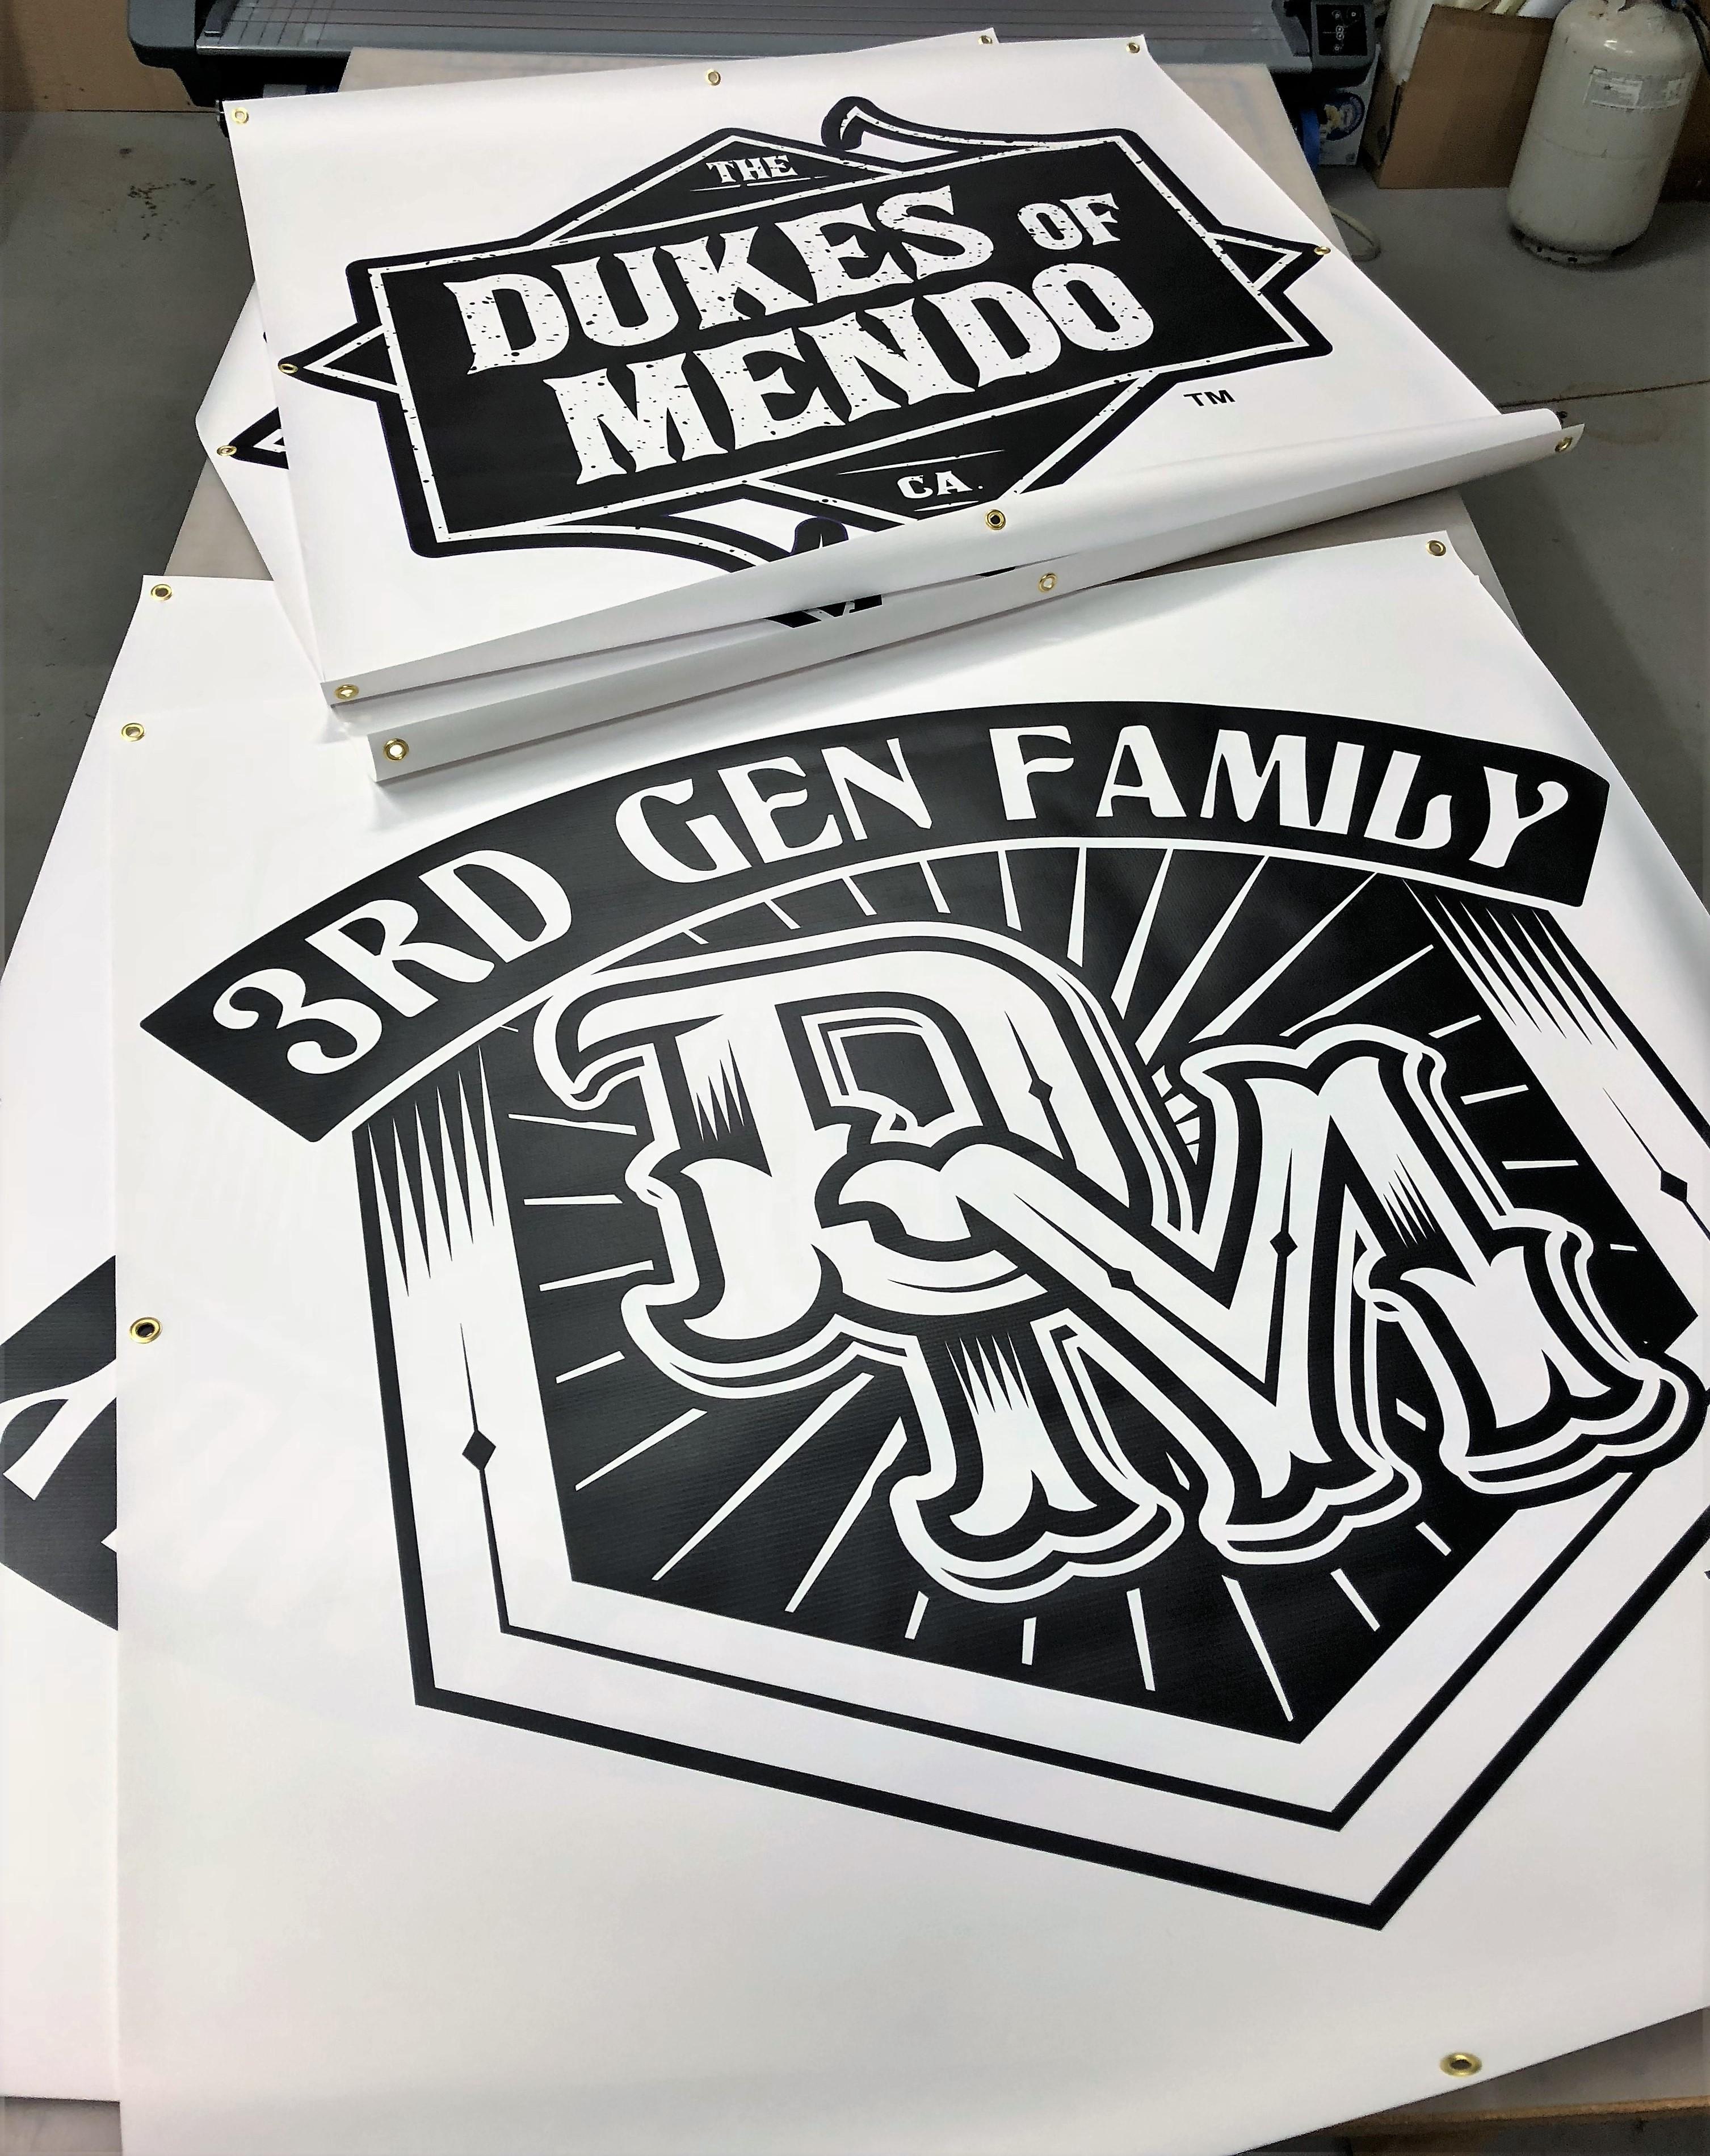 3rd Gen Family